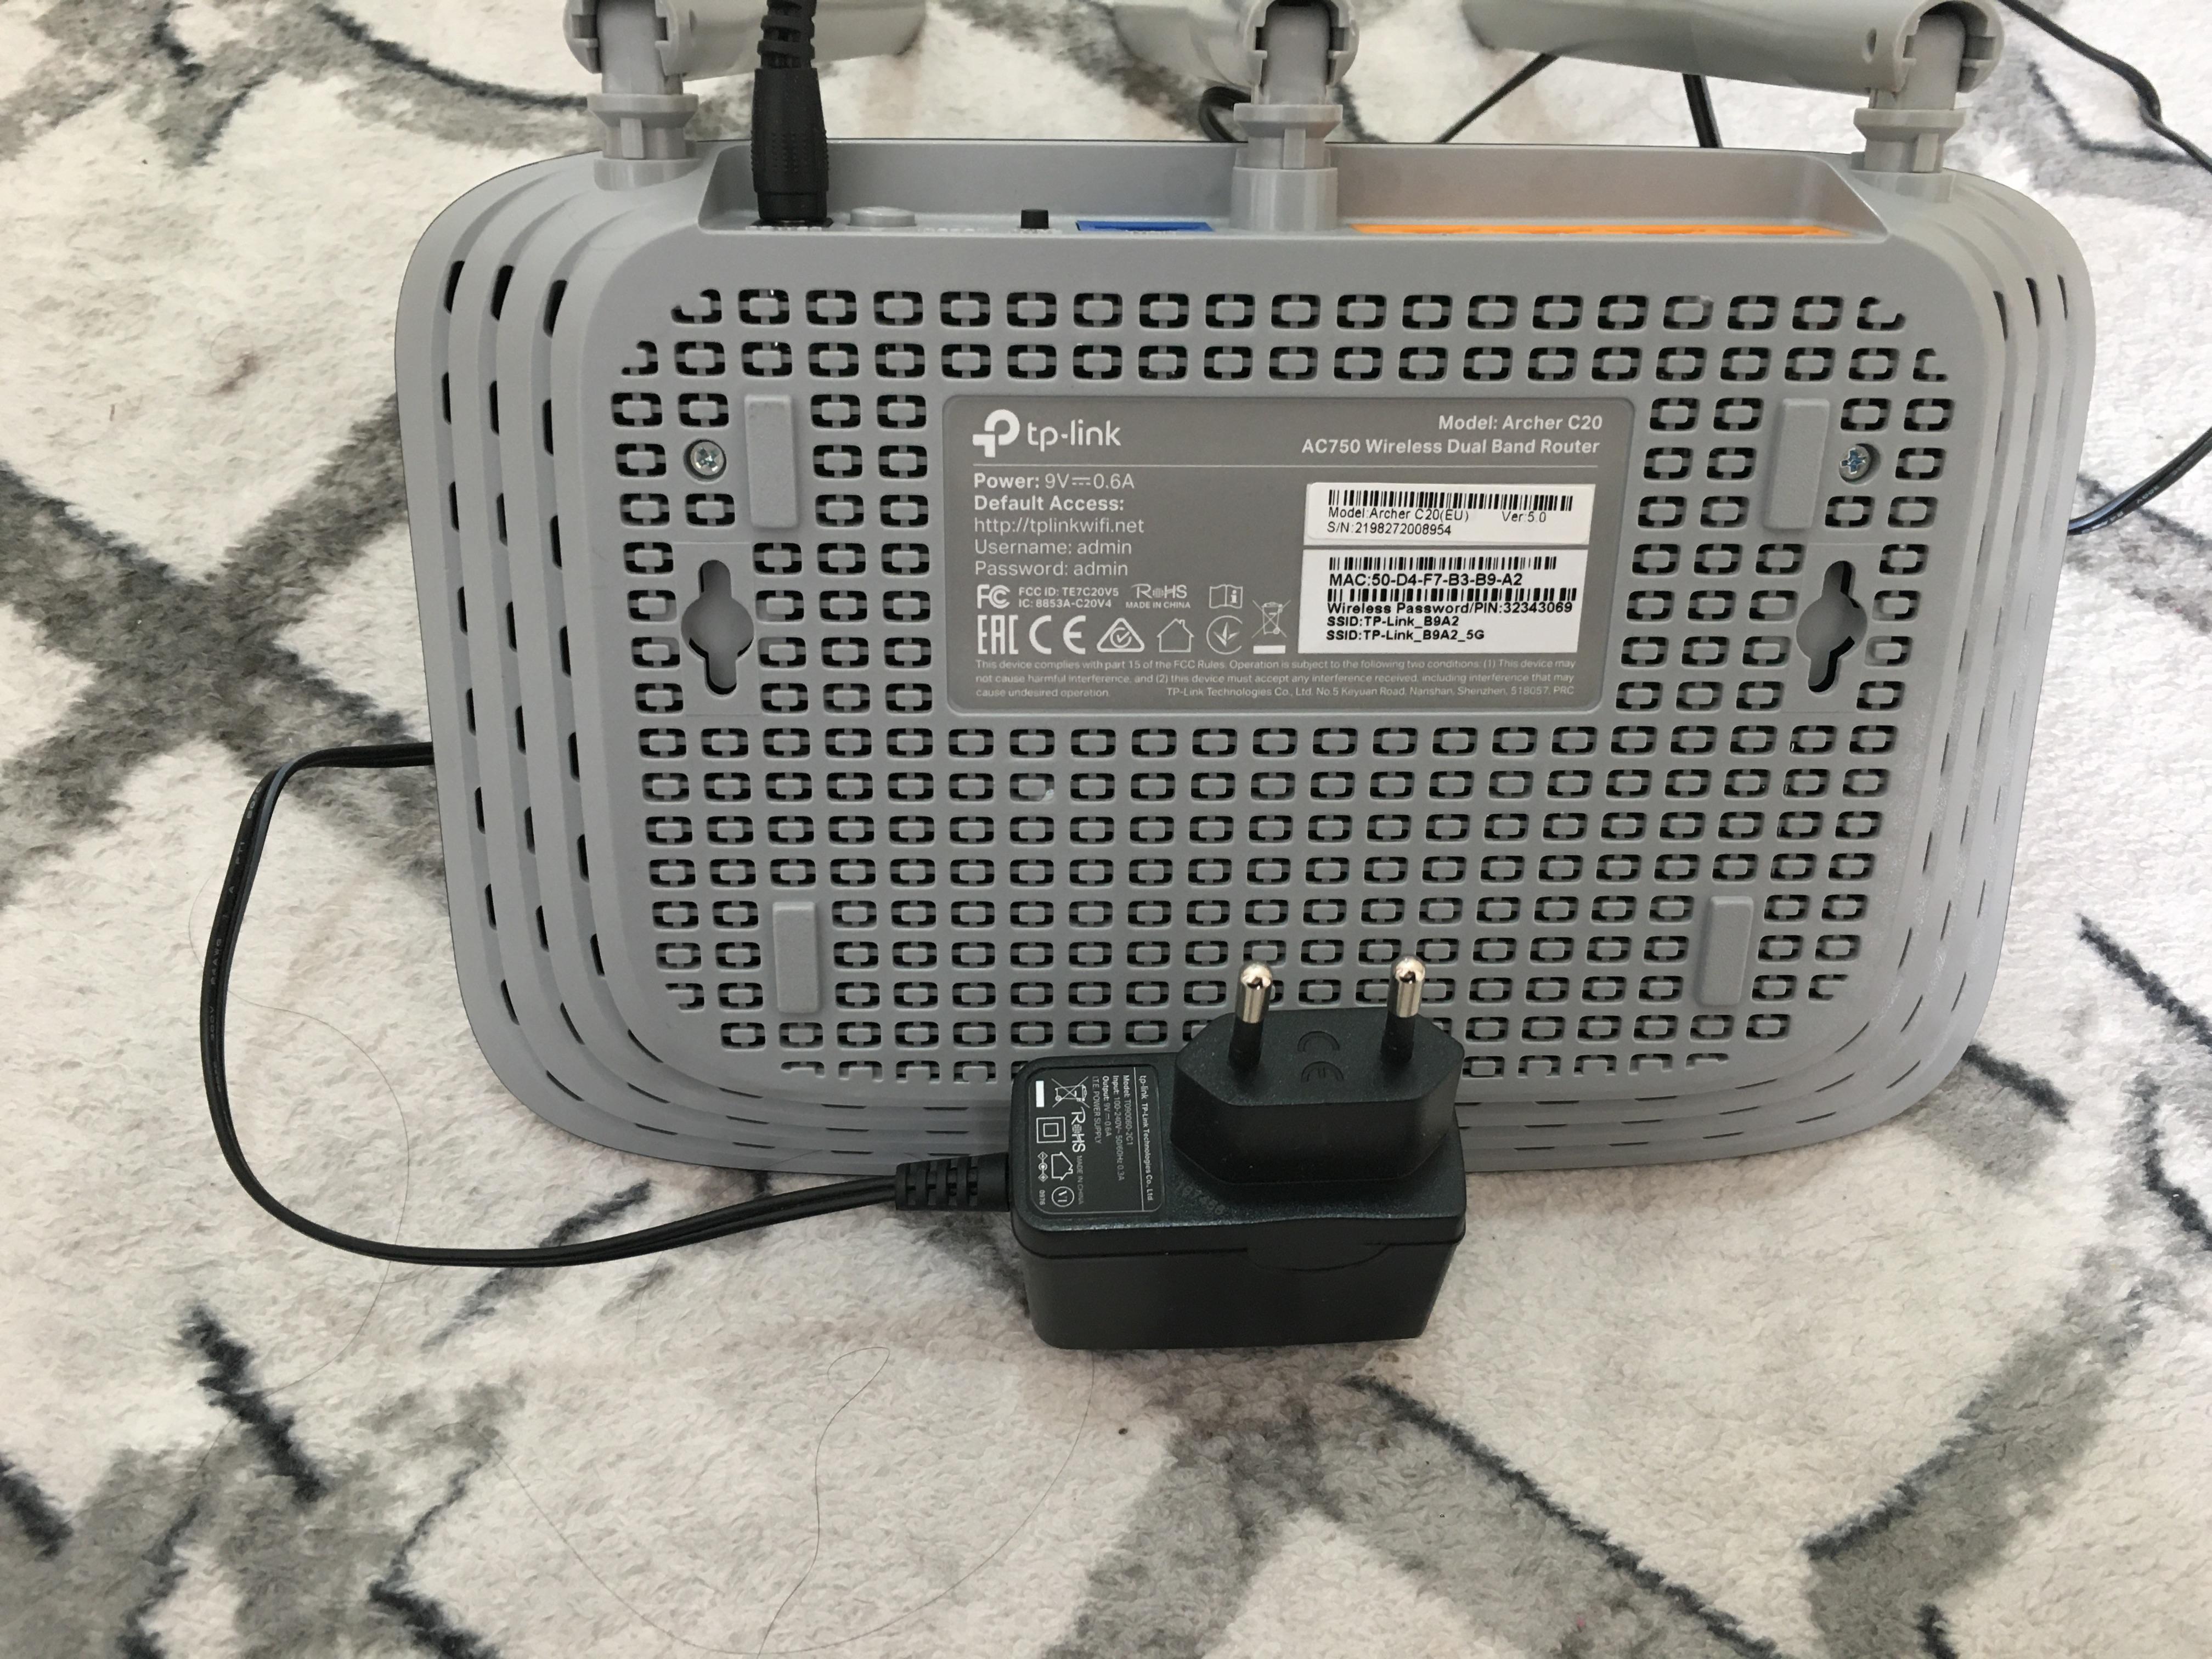 TP-Link Archer C20 AC750 AP Router WiFi Modem